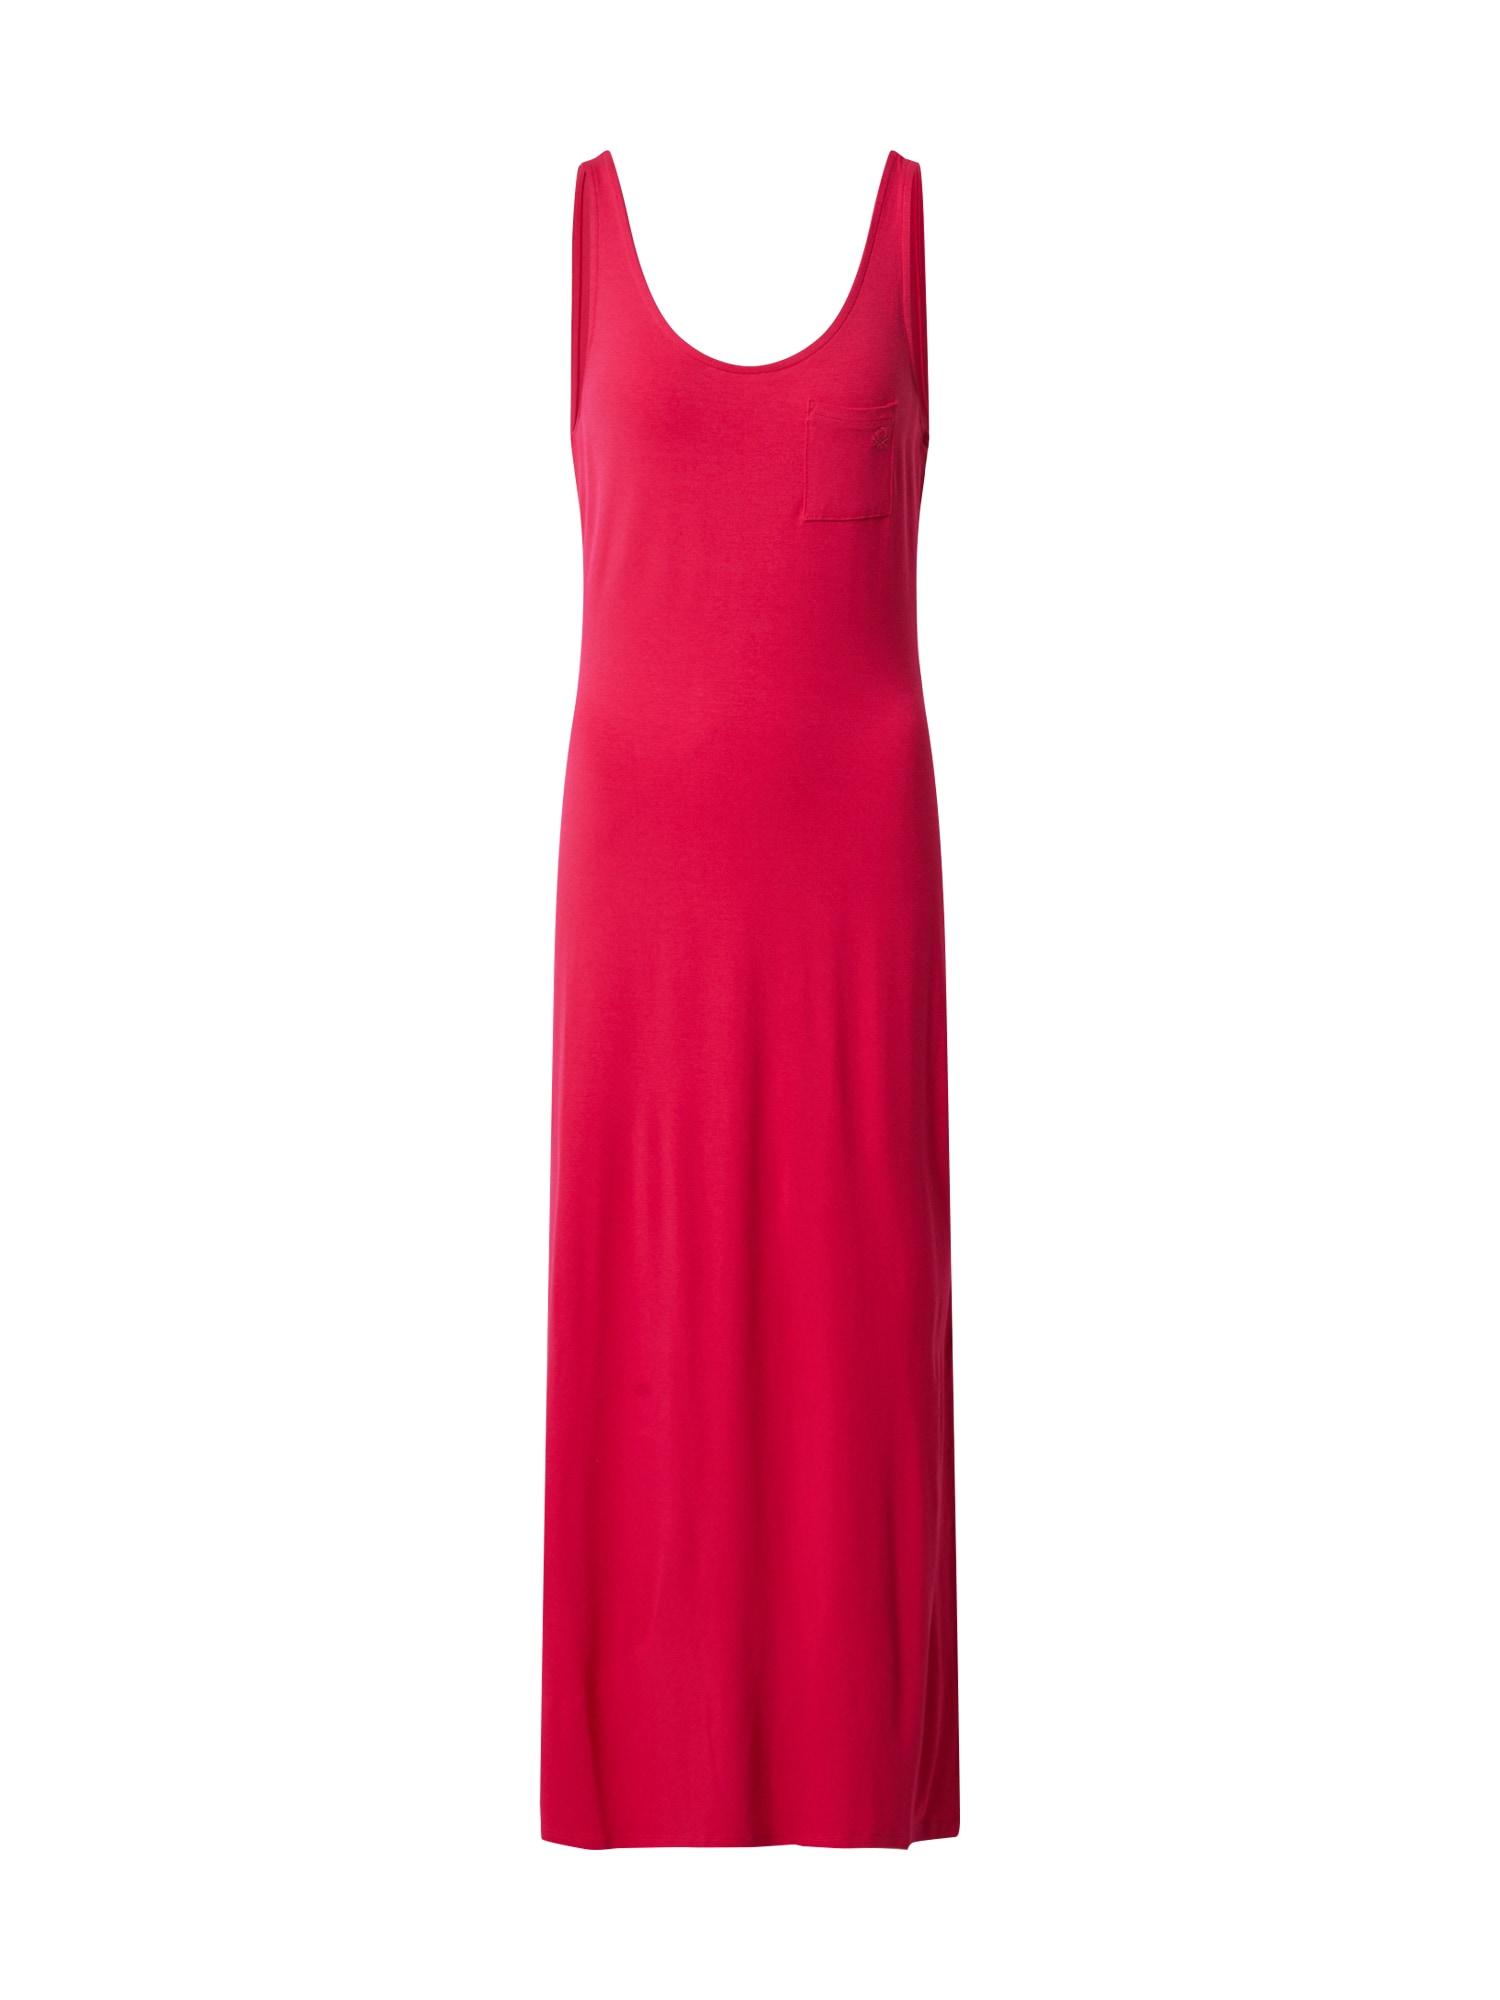 UNITED COLORS OF BENETTON Letní šaty  pink